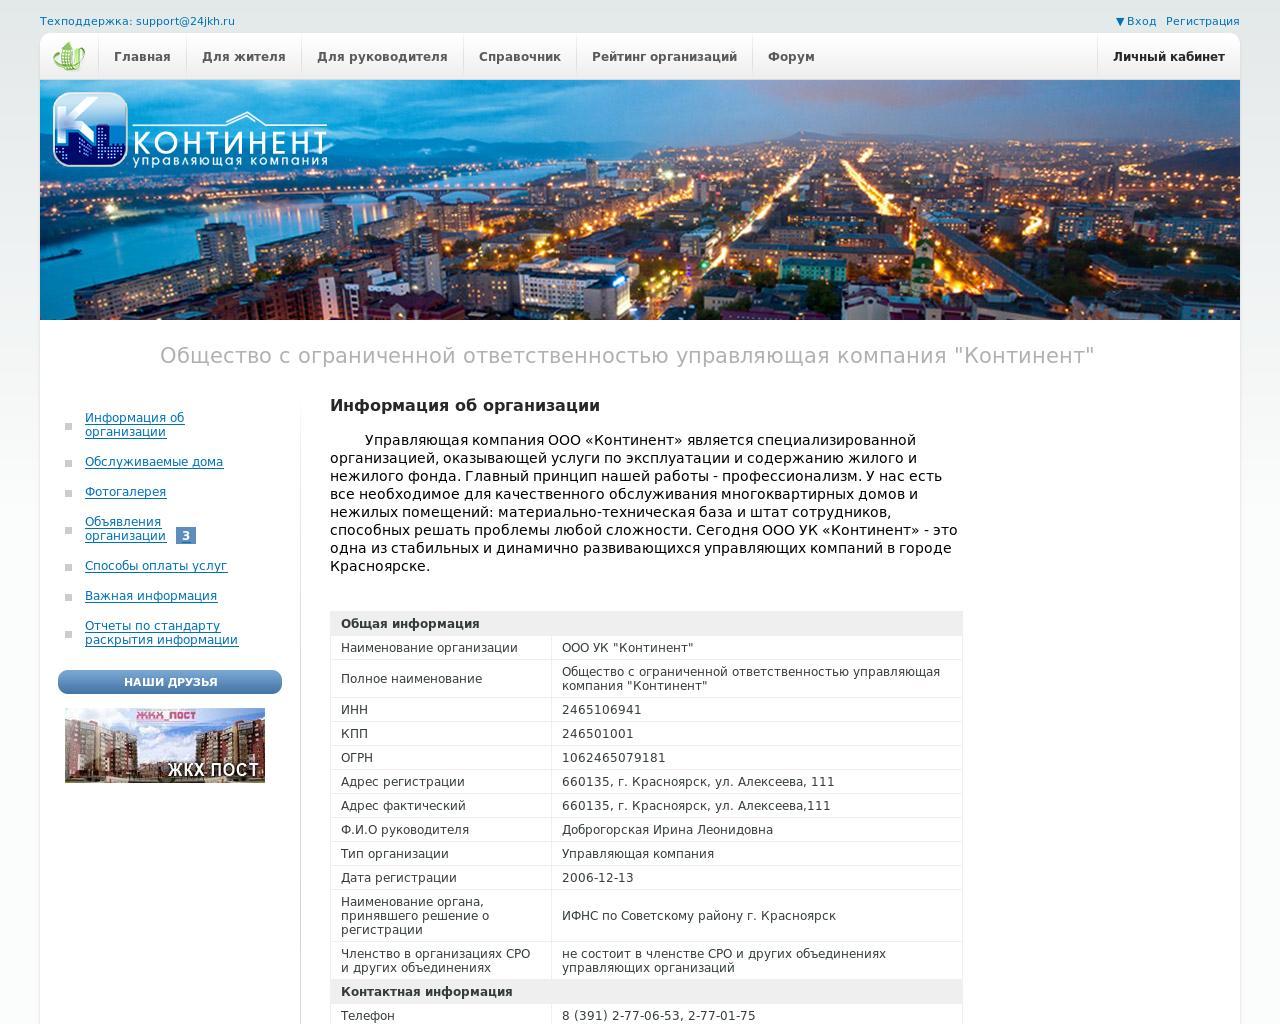 Управляющая компания континент красноярск официальный сайт создание сайтов книги онлайн читать